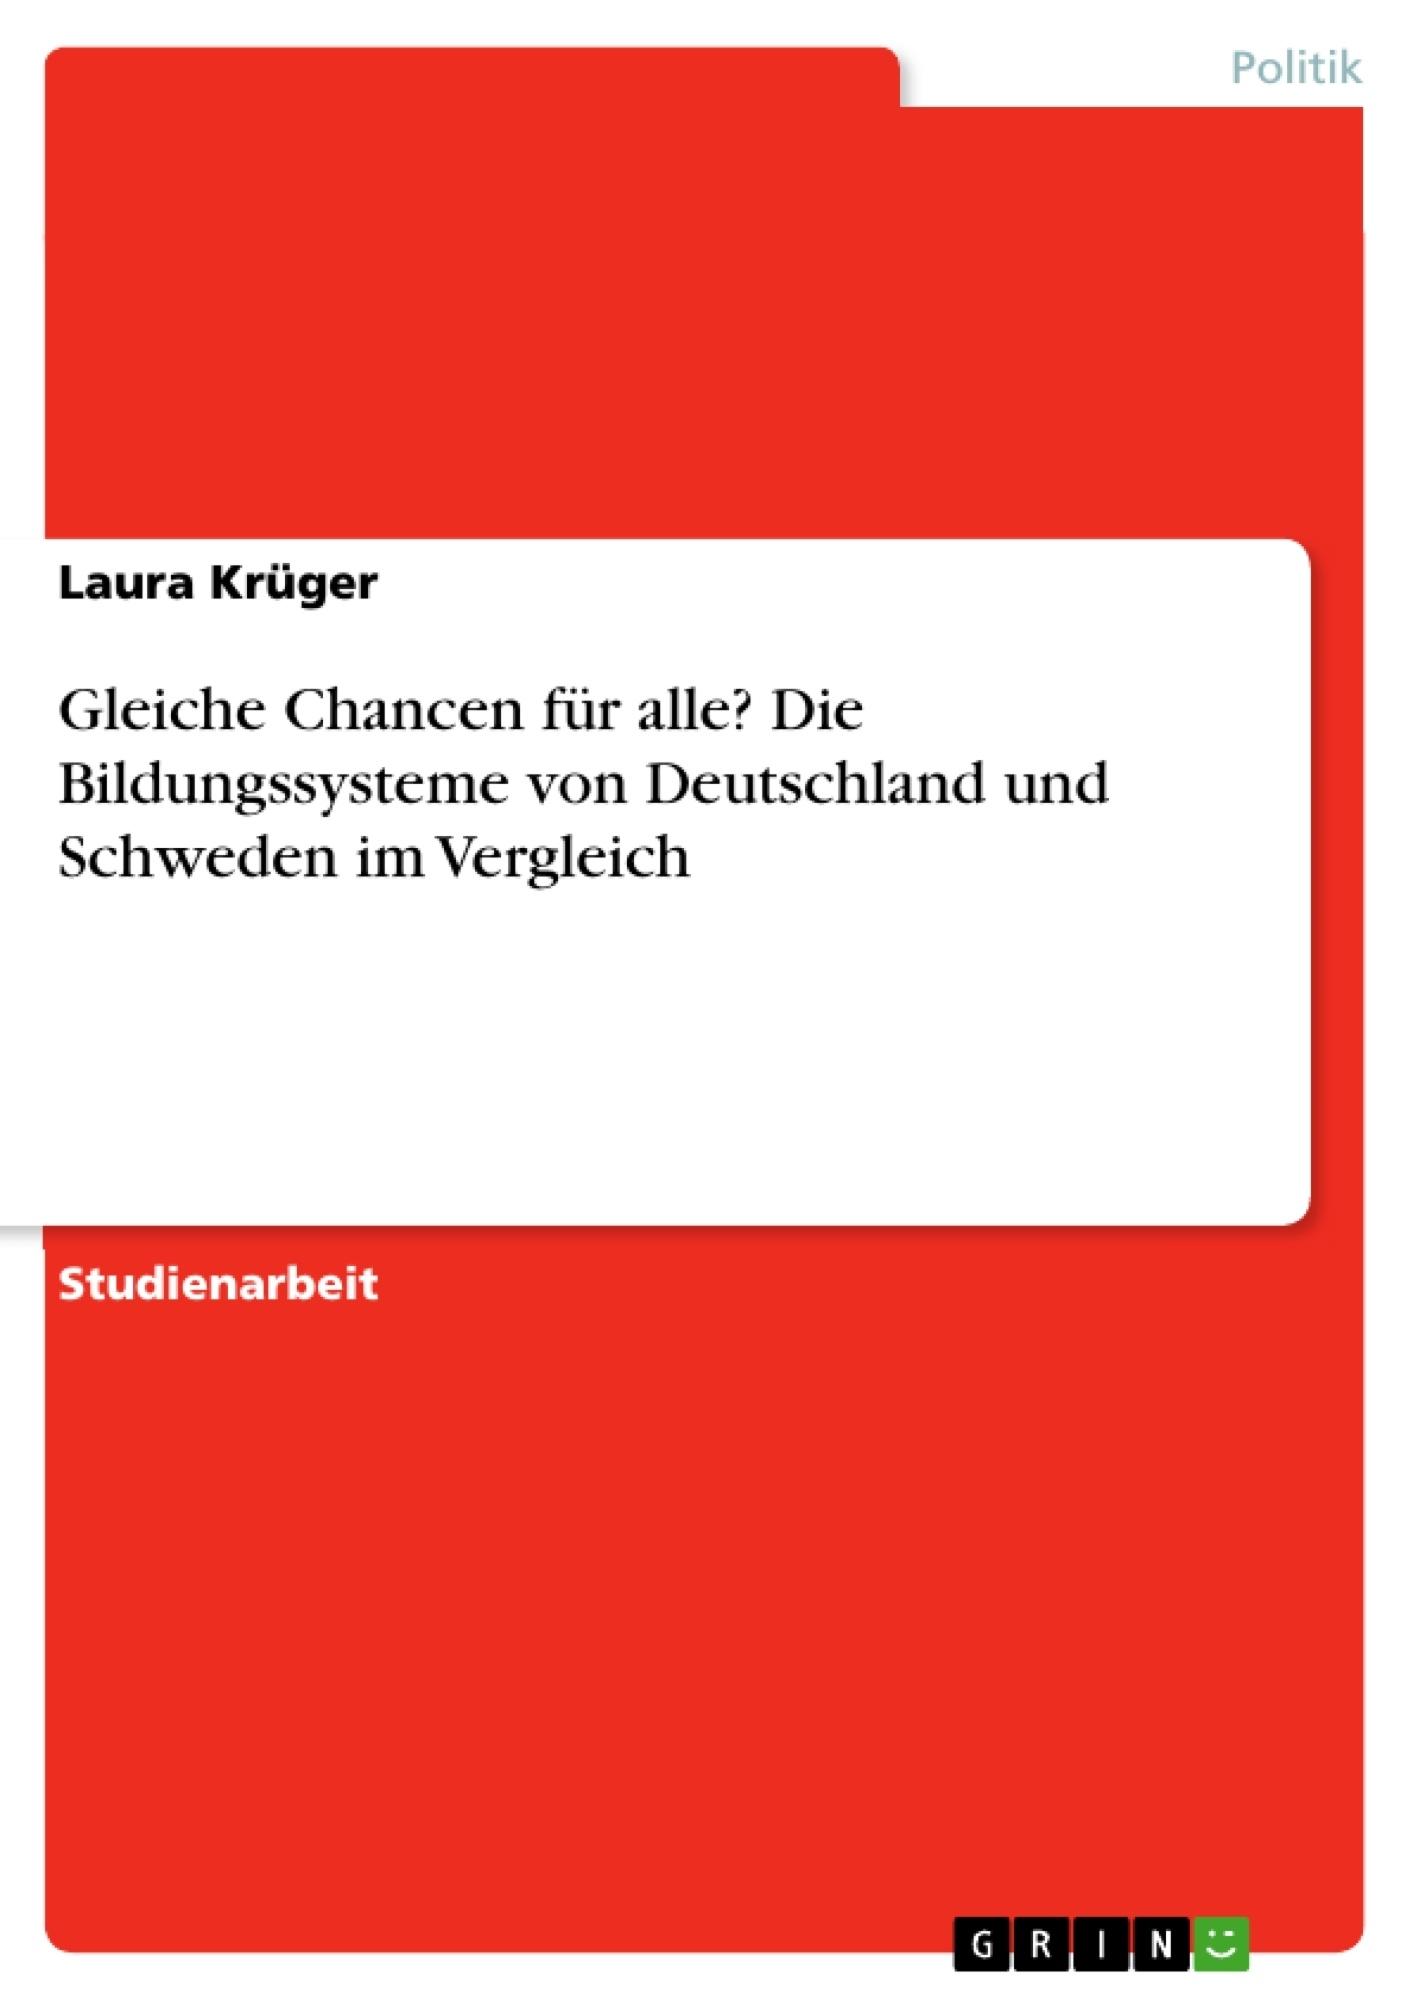 Titel: Gleiche Chancen für alle? Die Bildungssysteme  von Deutschland und Schweden im Vergleich